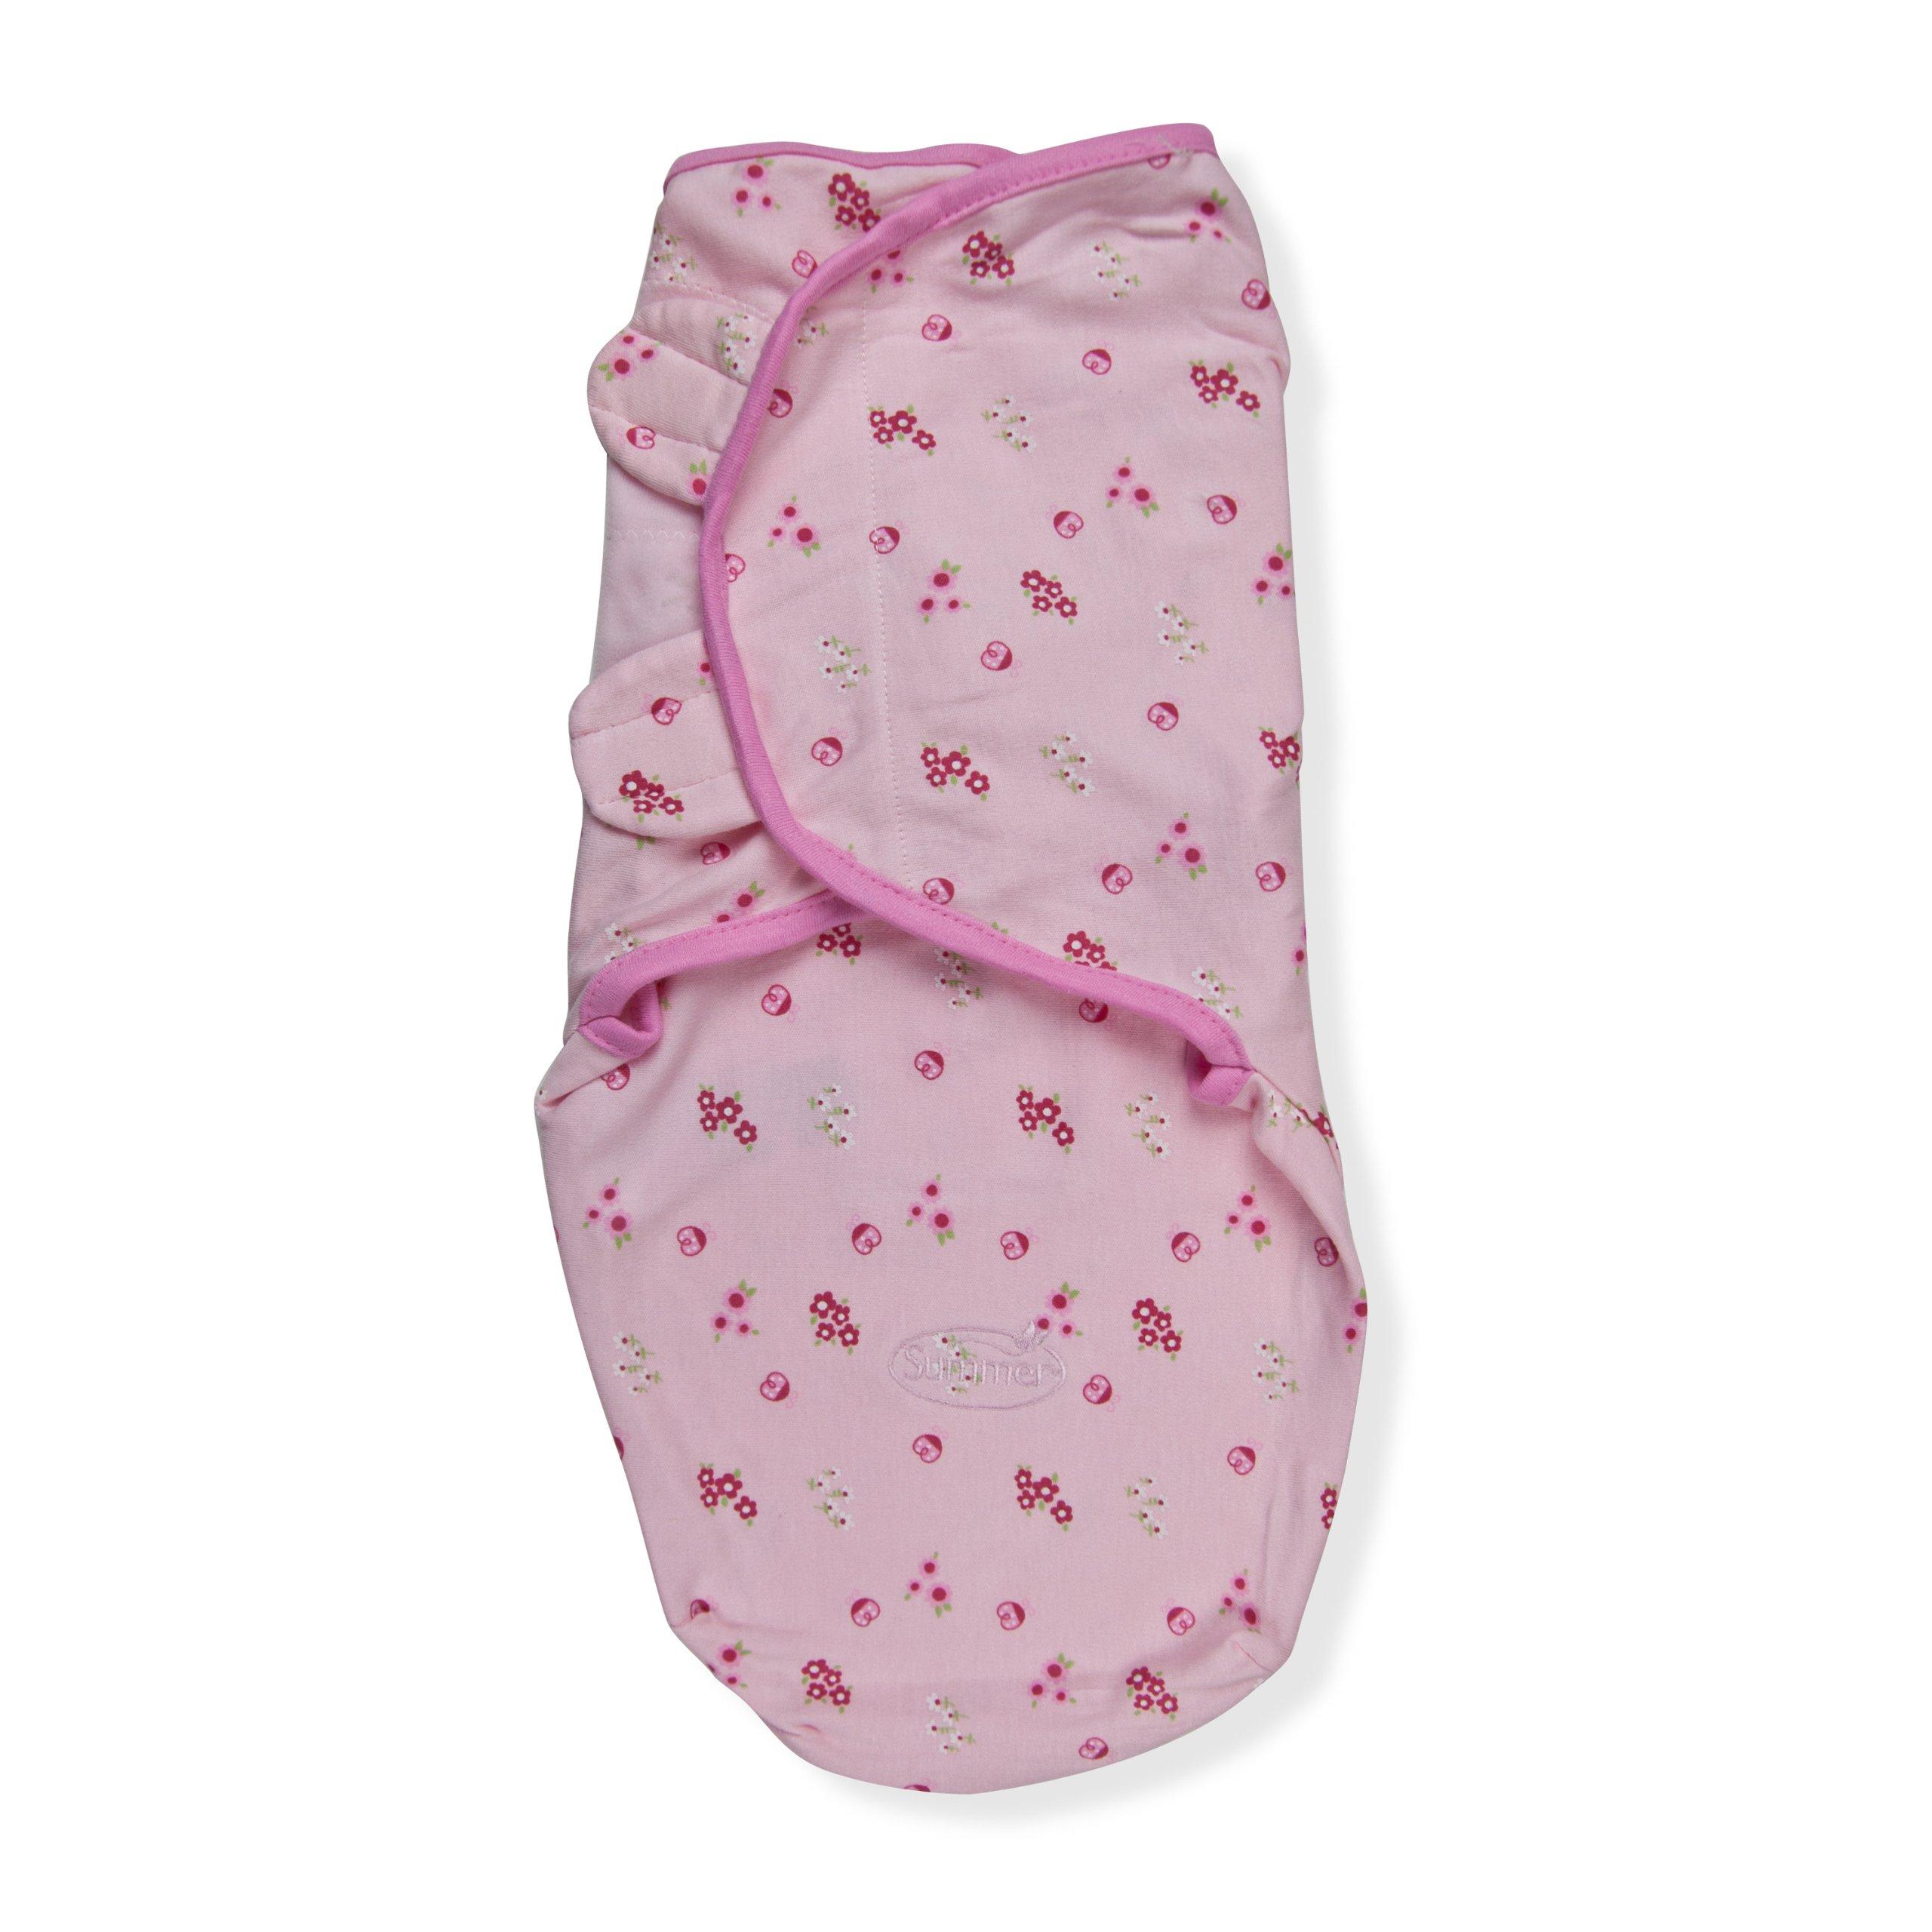 Summer Infant Swaddleme Adjustable Infant Wrap, Ladybug, Small/Medium